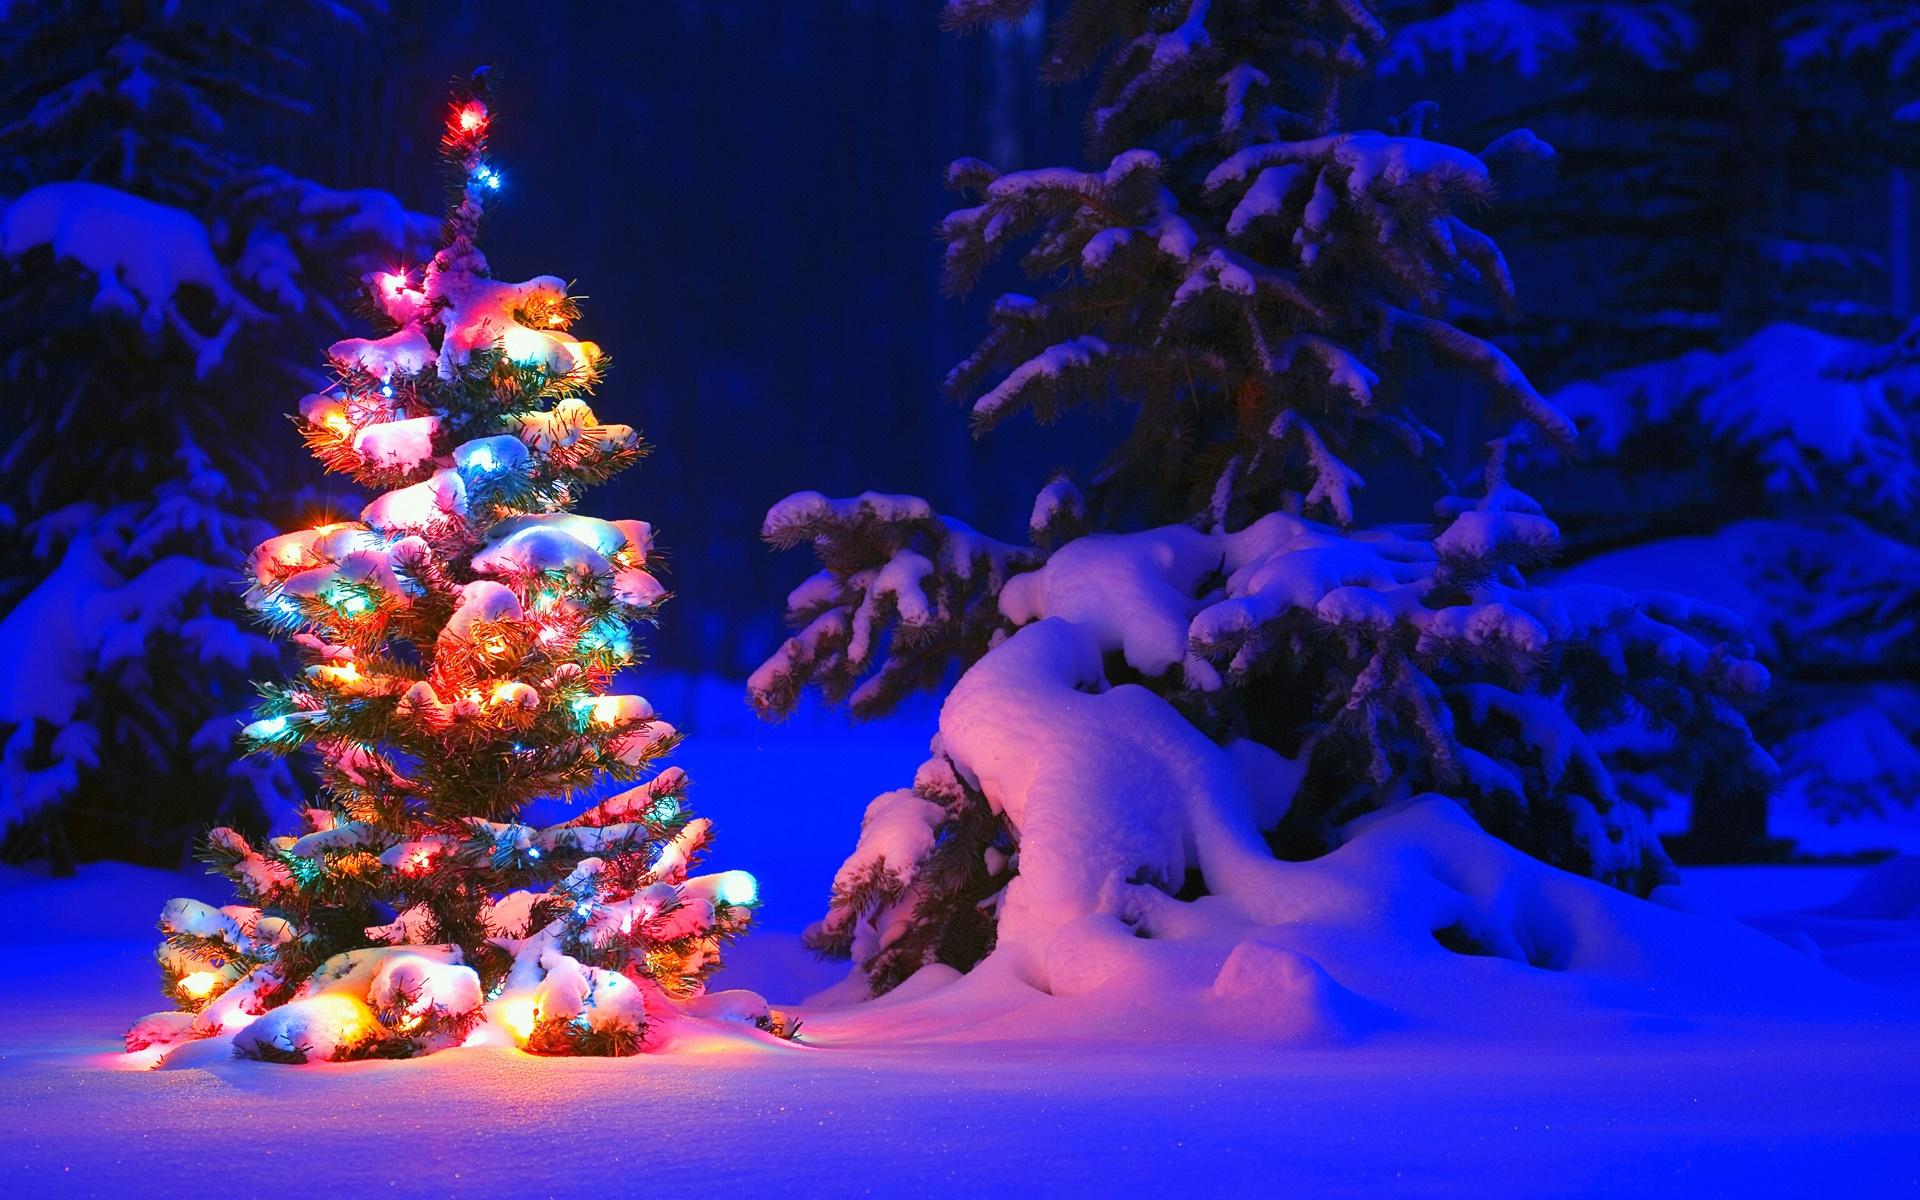 Schnee, Leuchten, Baum, Winter, Nacht, Weihnachten Desktop ...